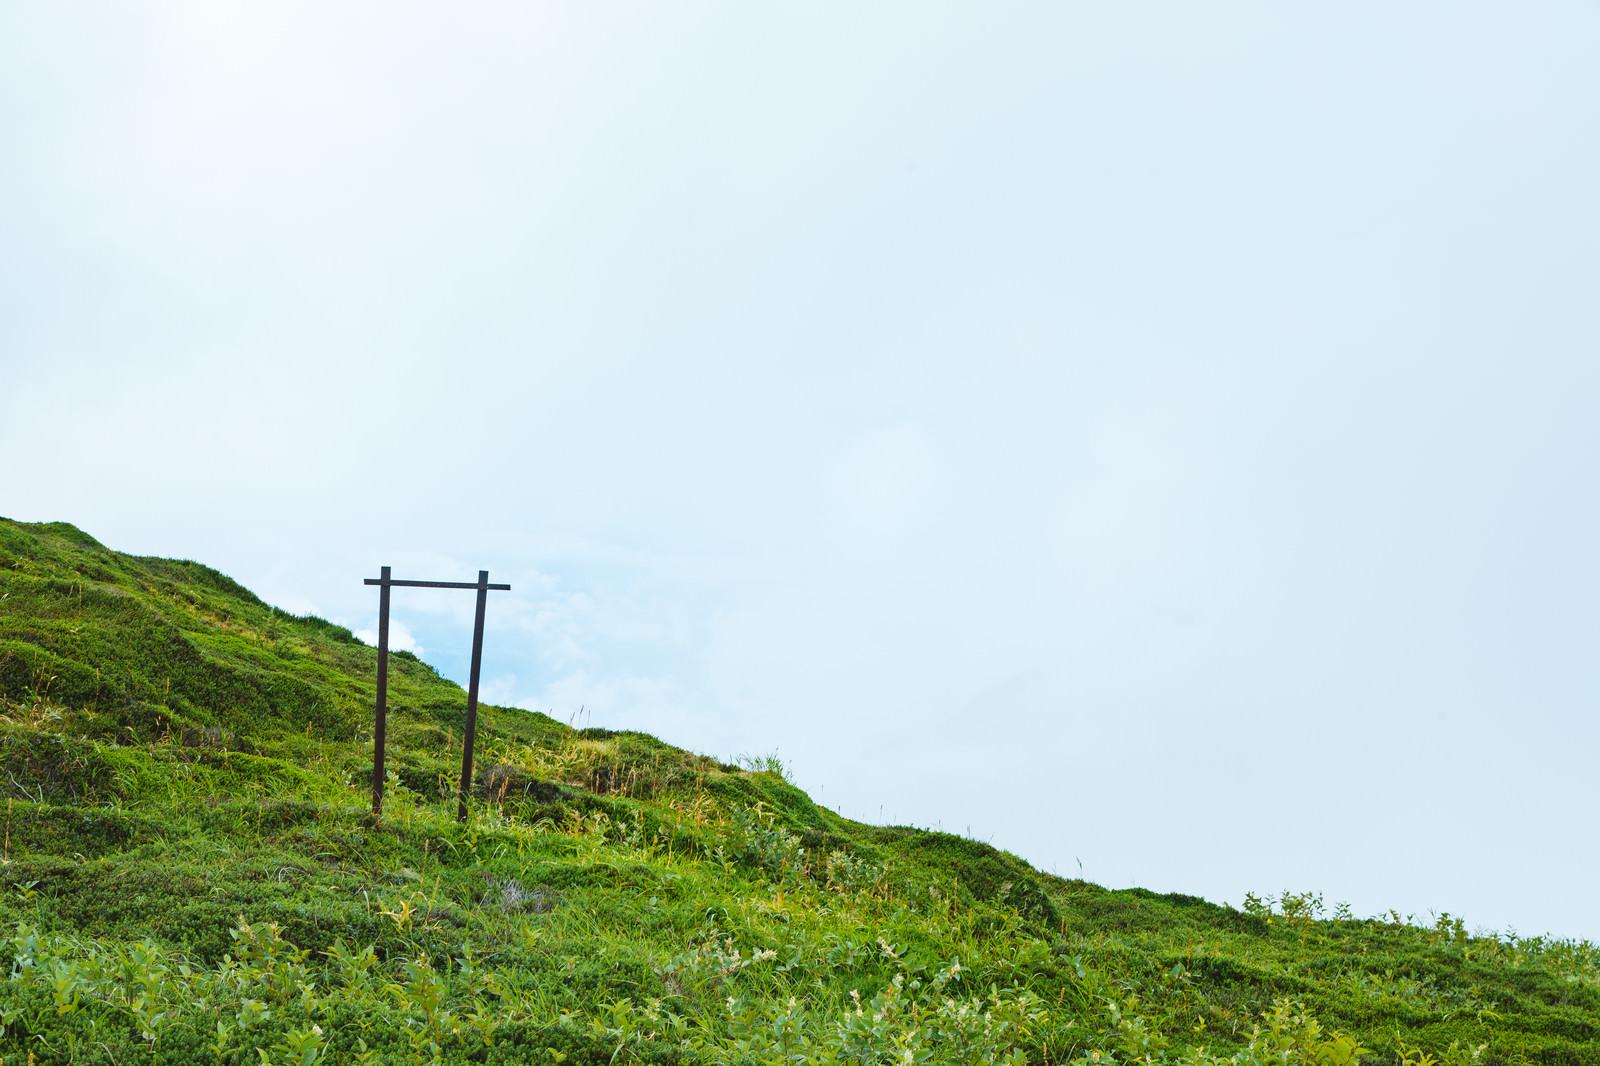 「斜面に残った何かの柵 | 写真の無料素材・フリー素材 - ぱくたそ」の写真